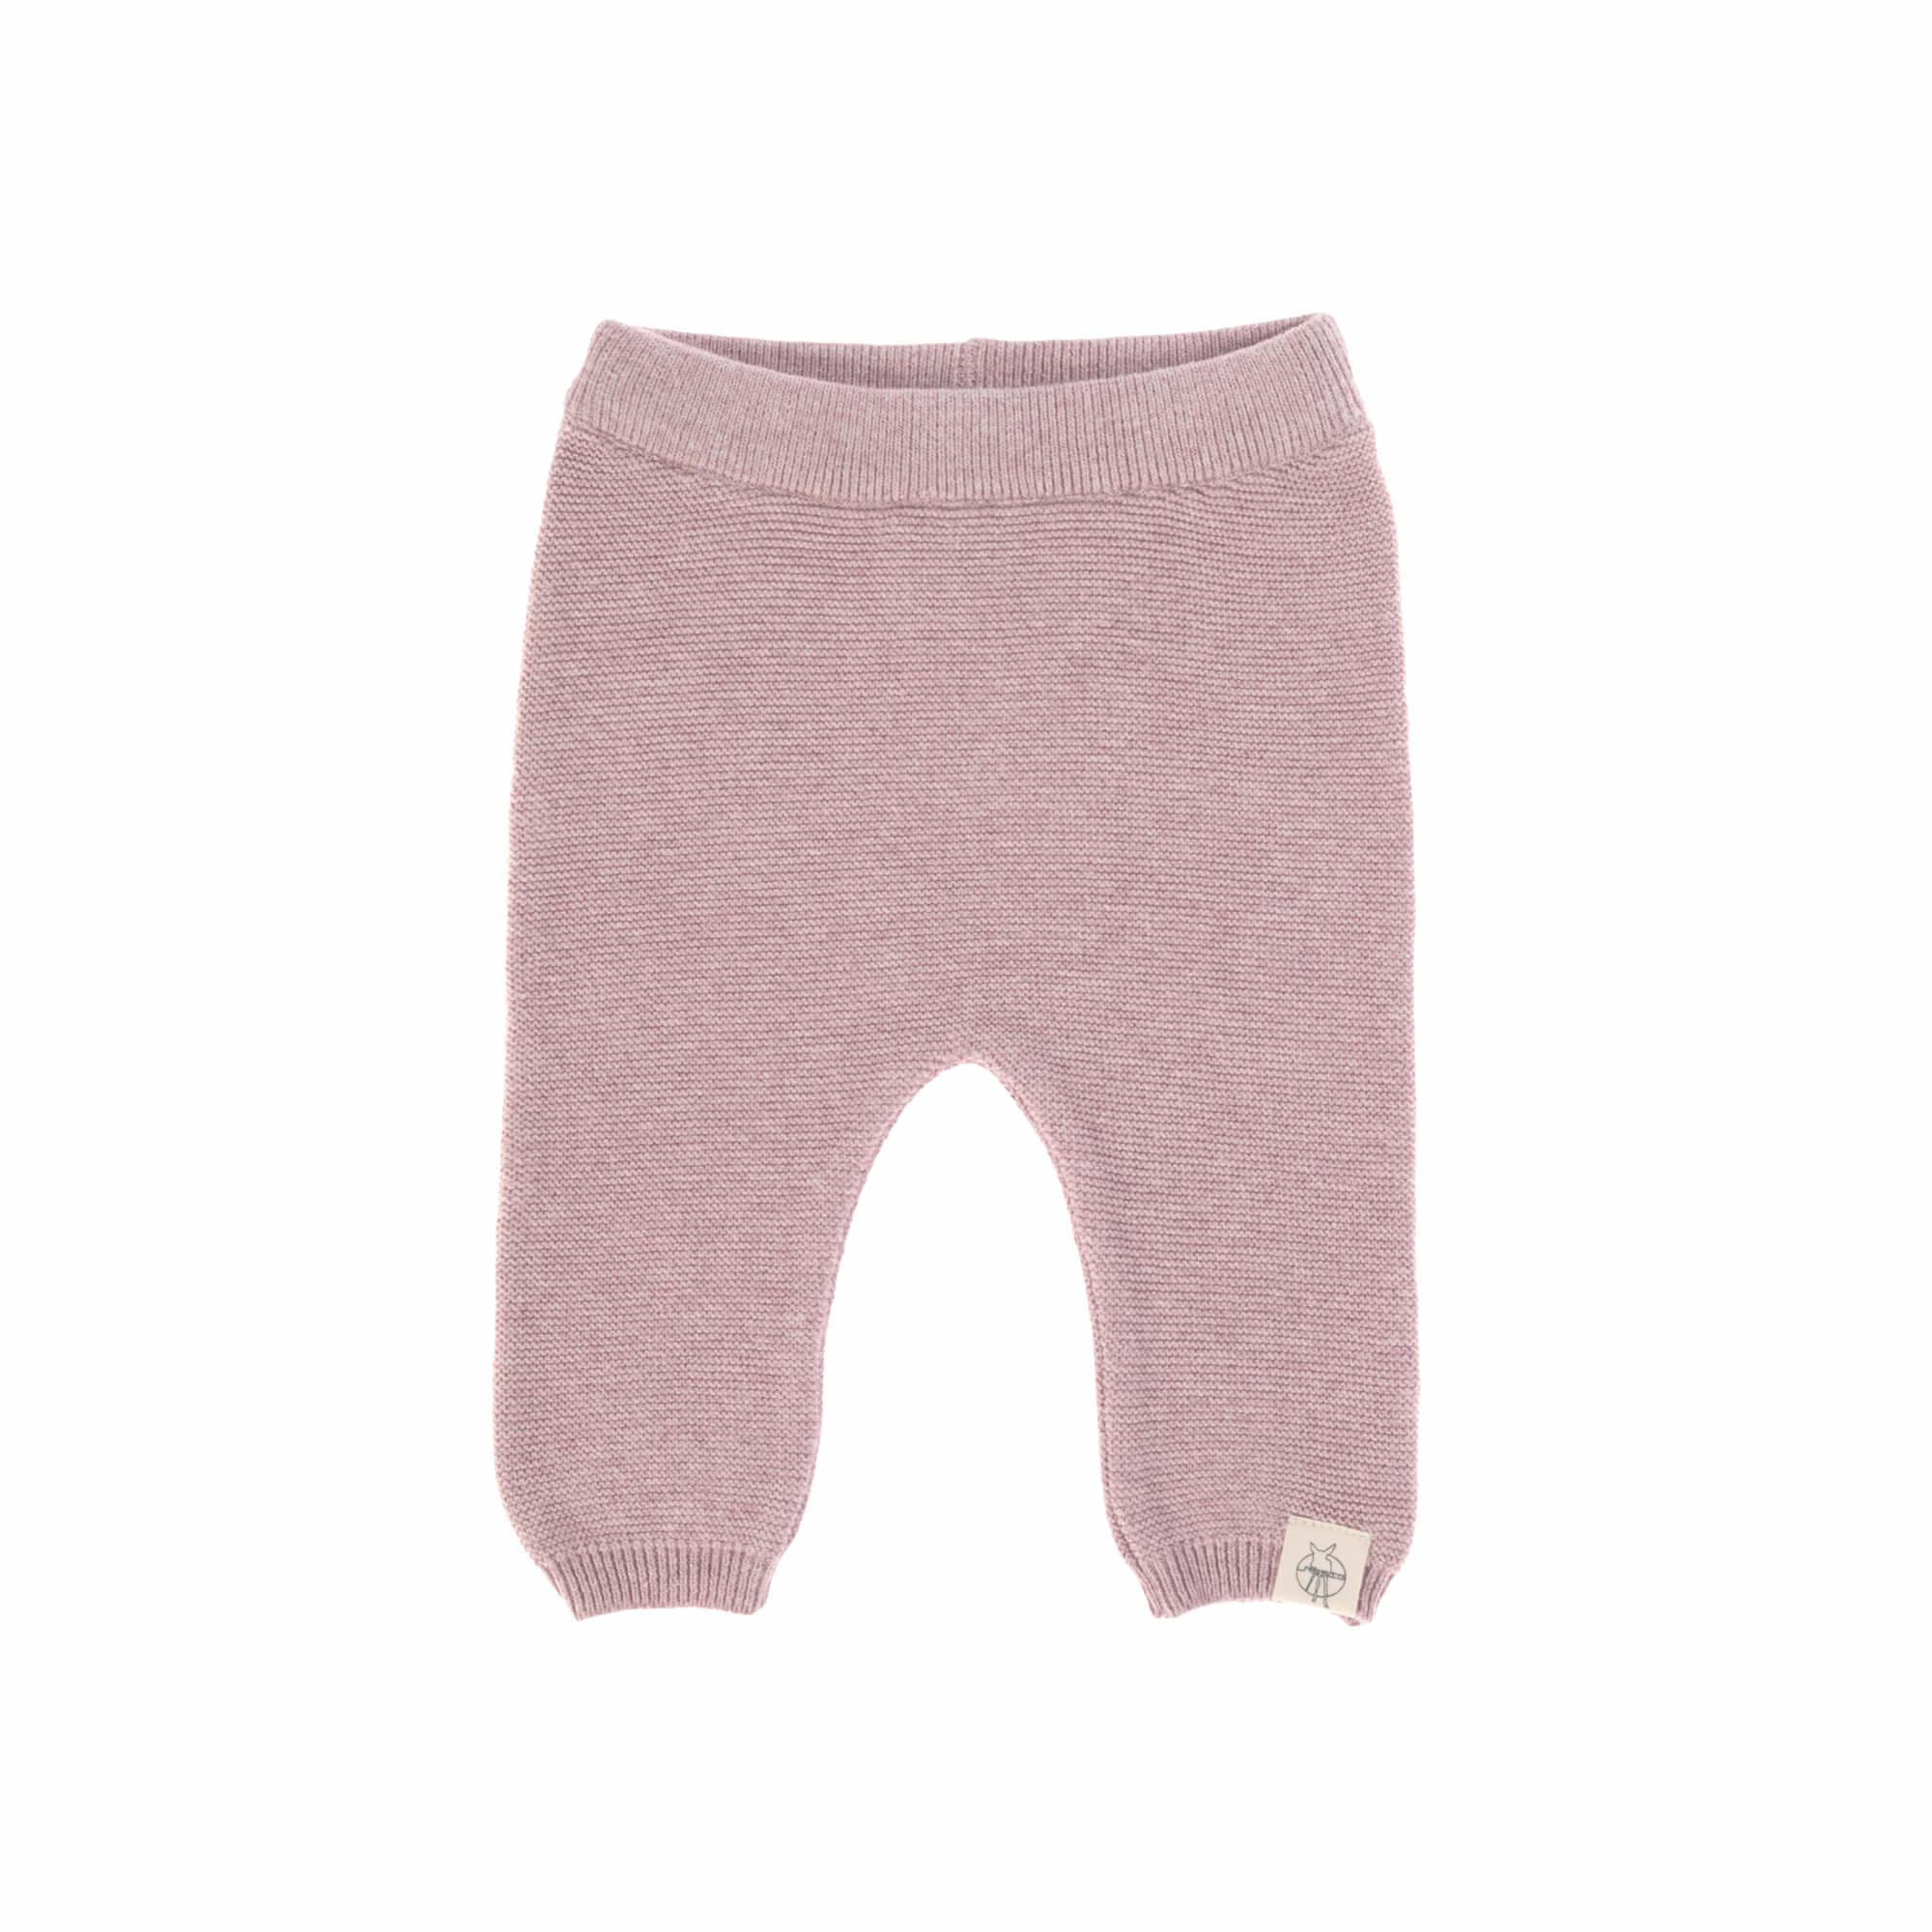 Lässig gebreide baby broek GOTS Garden Explorer light pink 62-68, 2-6 mnd